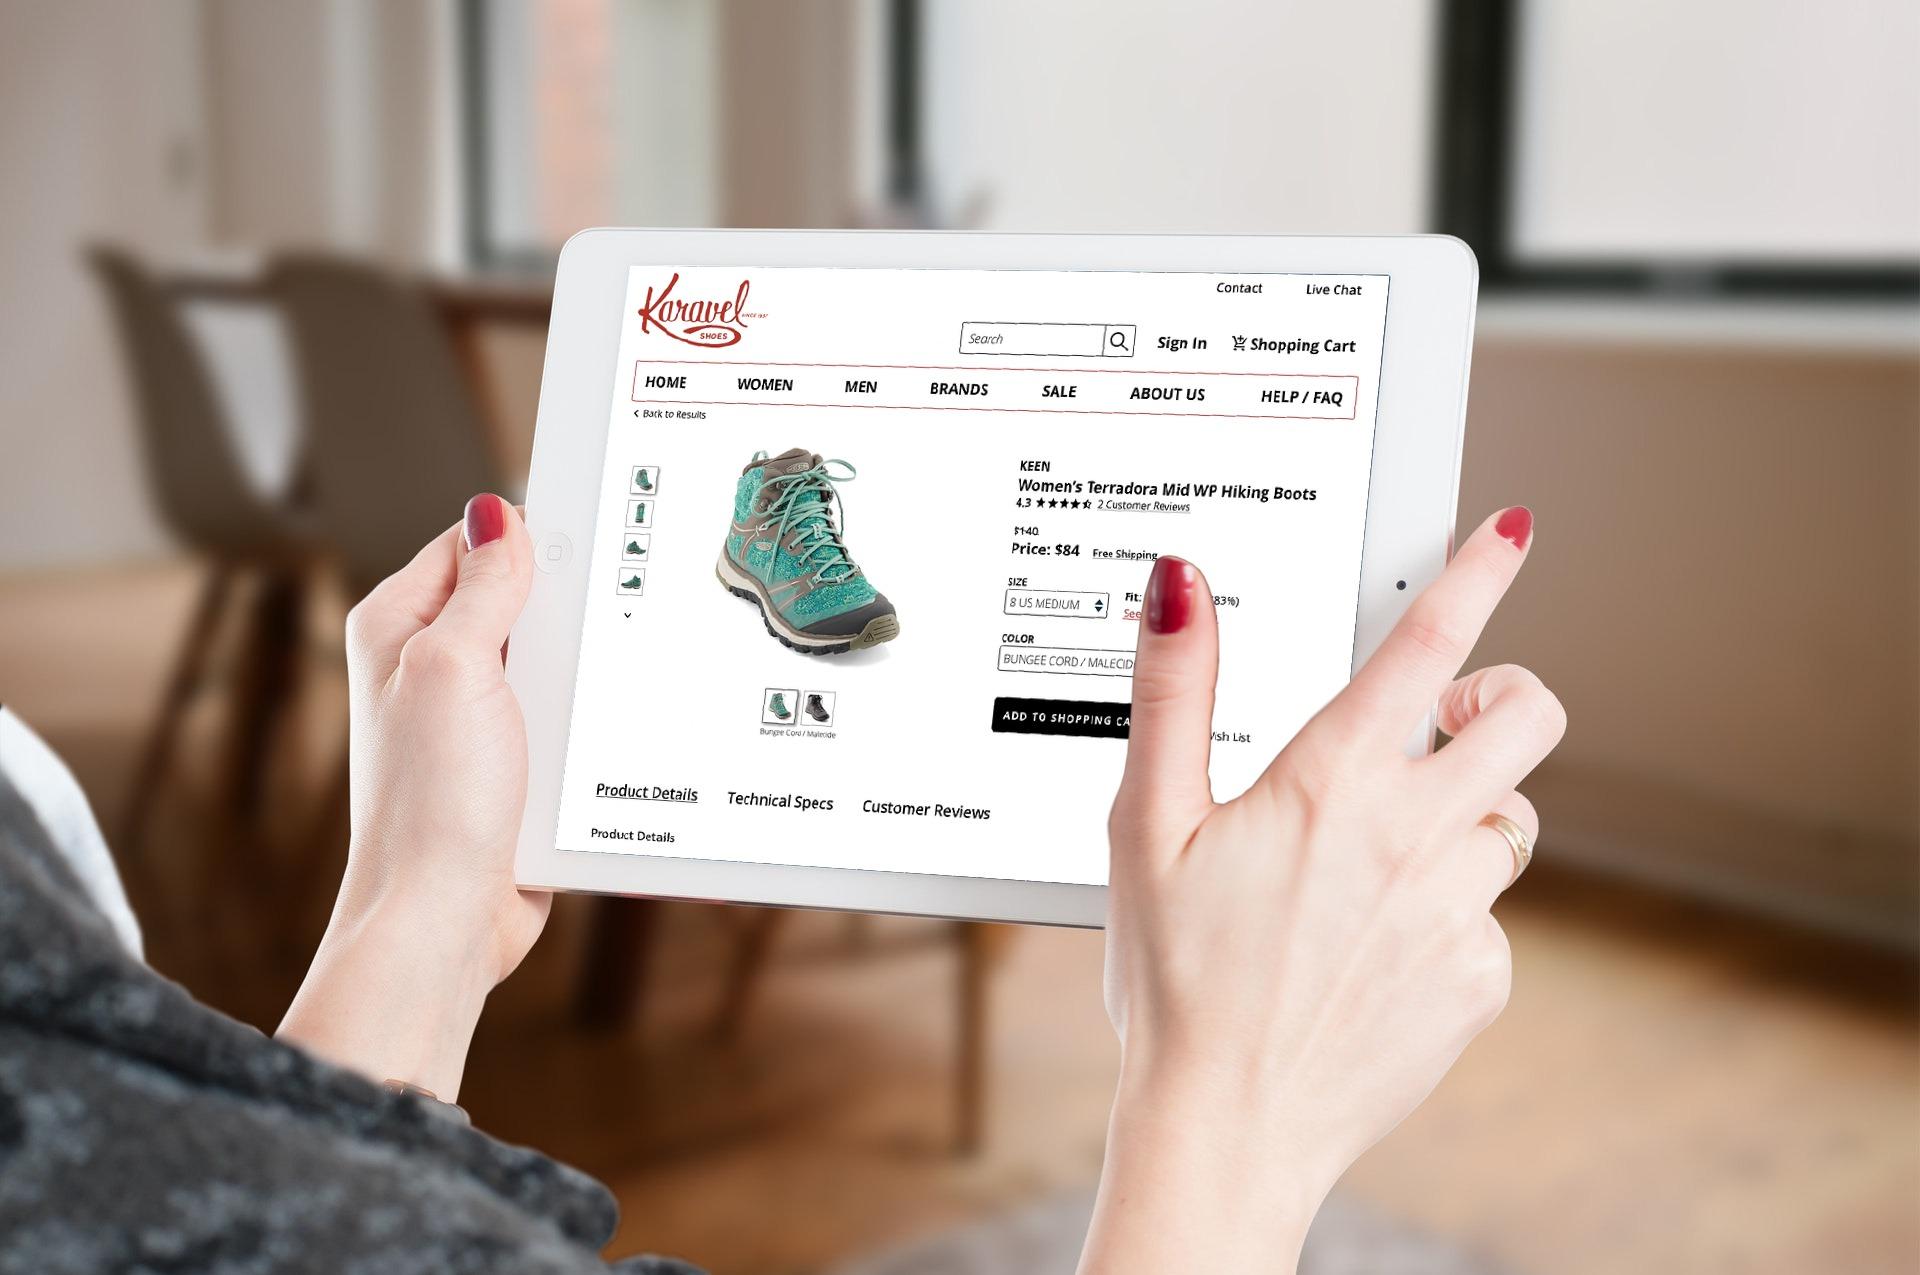 Karavel-Shoes-mockup-tablet.jpeg